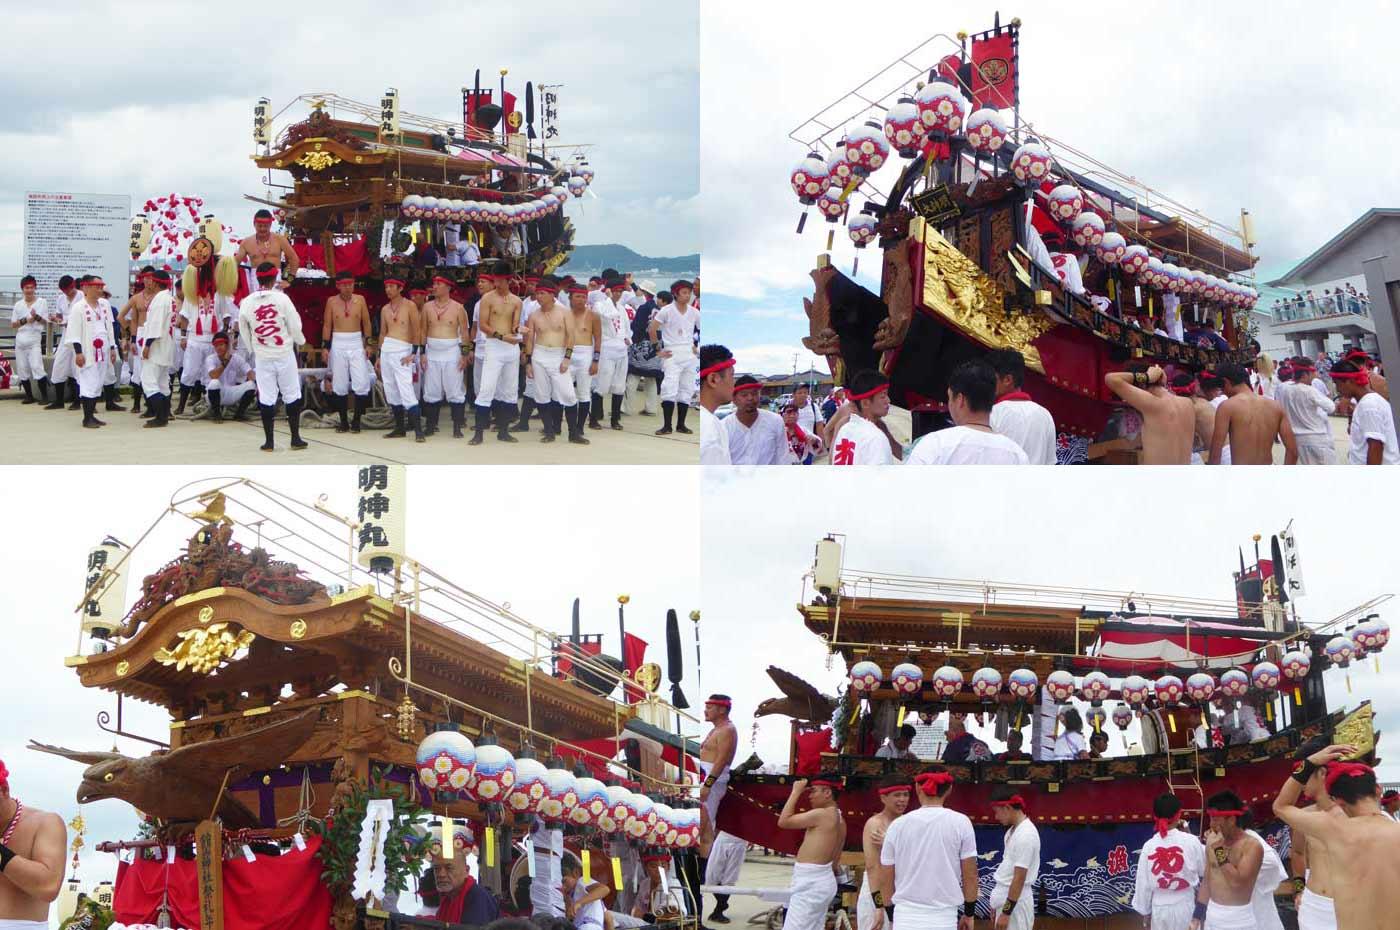 館山の祭り 新井地区の御舟